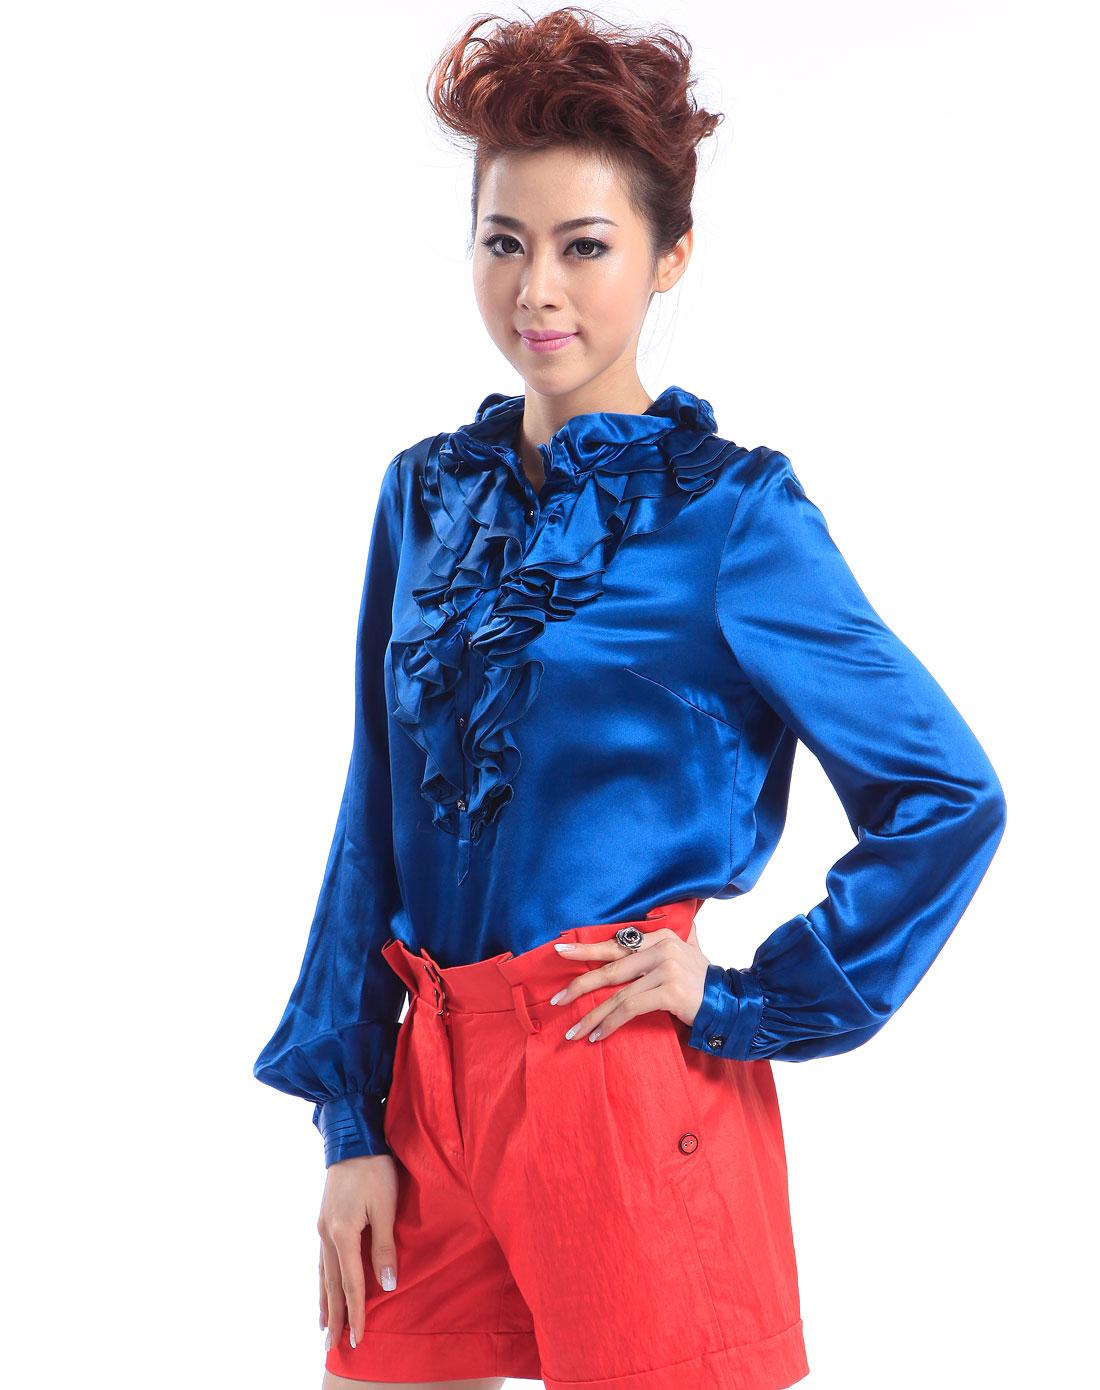 深蓝色花边长袖衬衫 竖